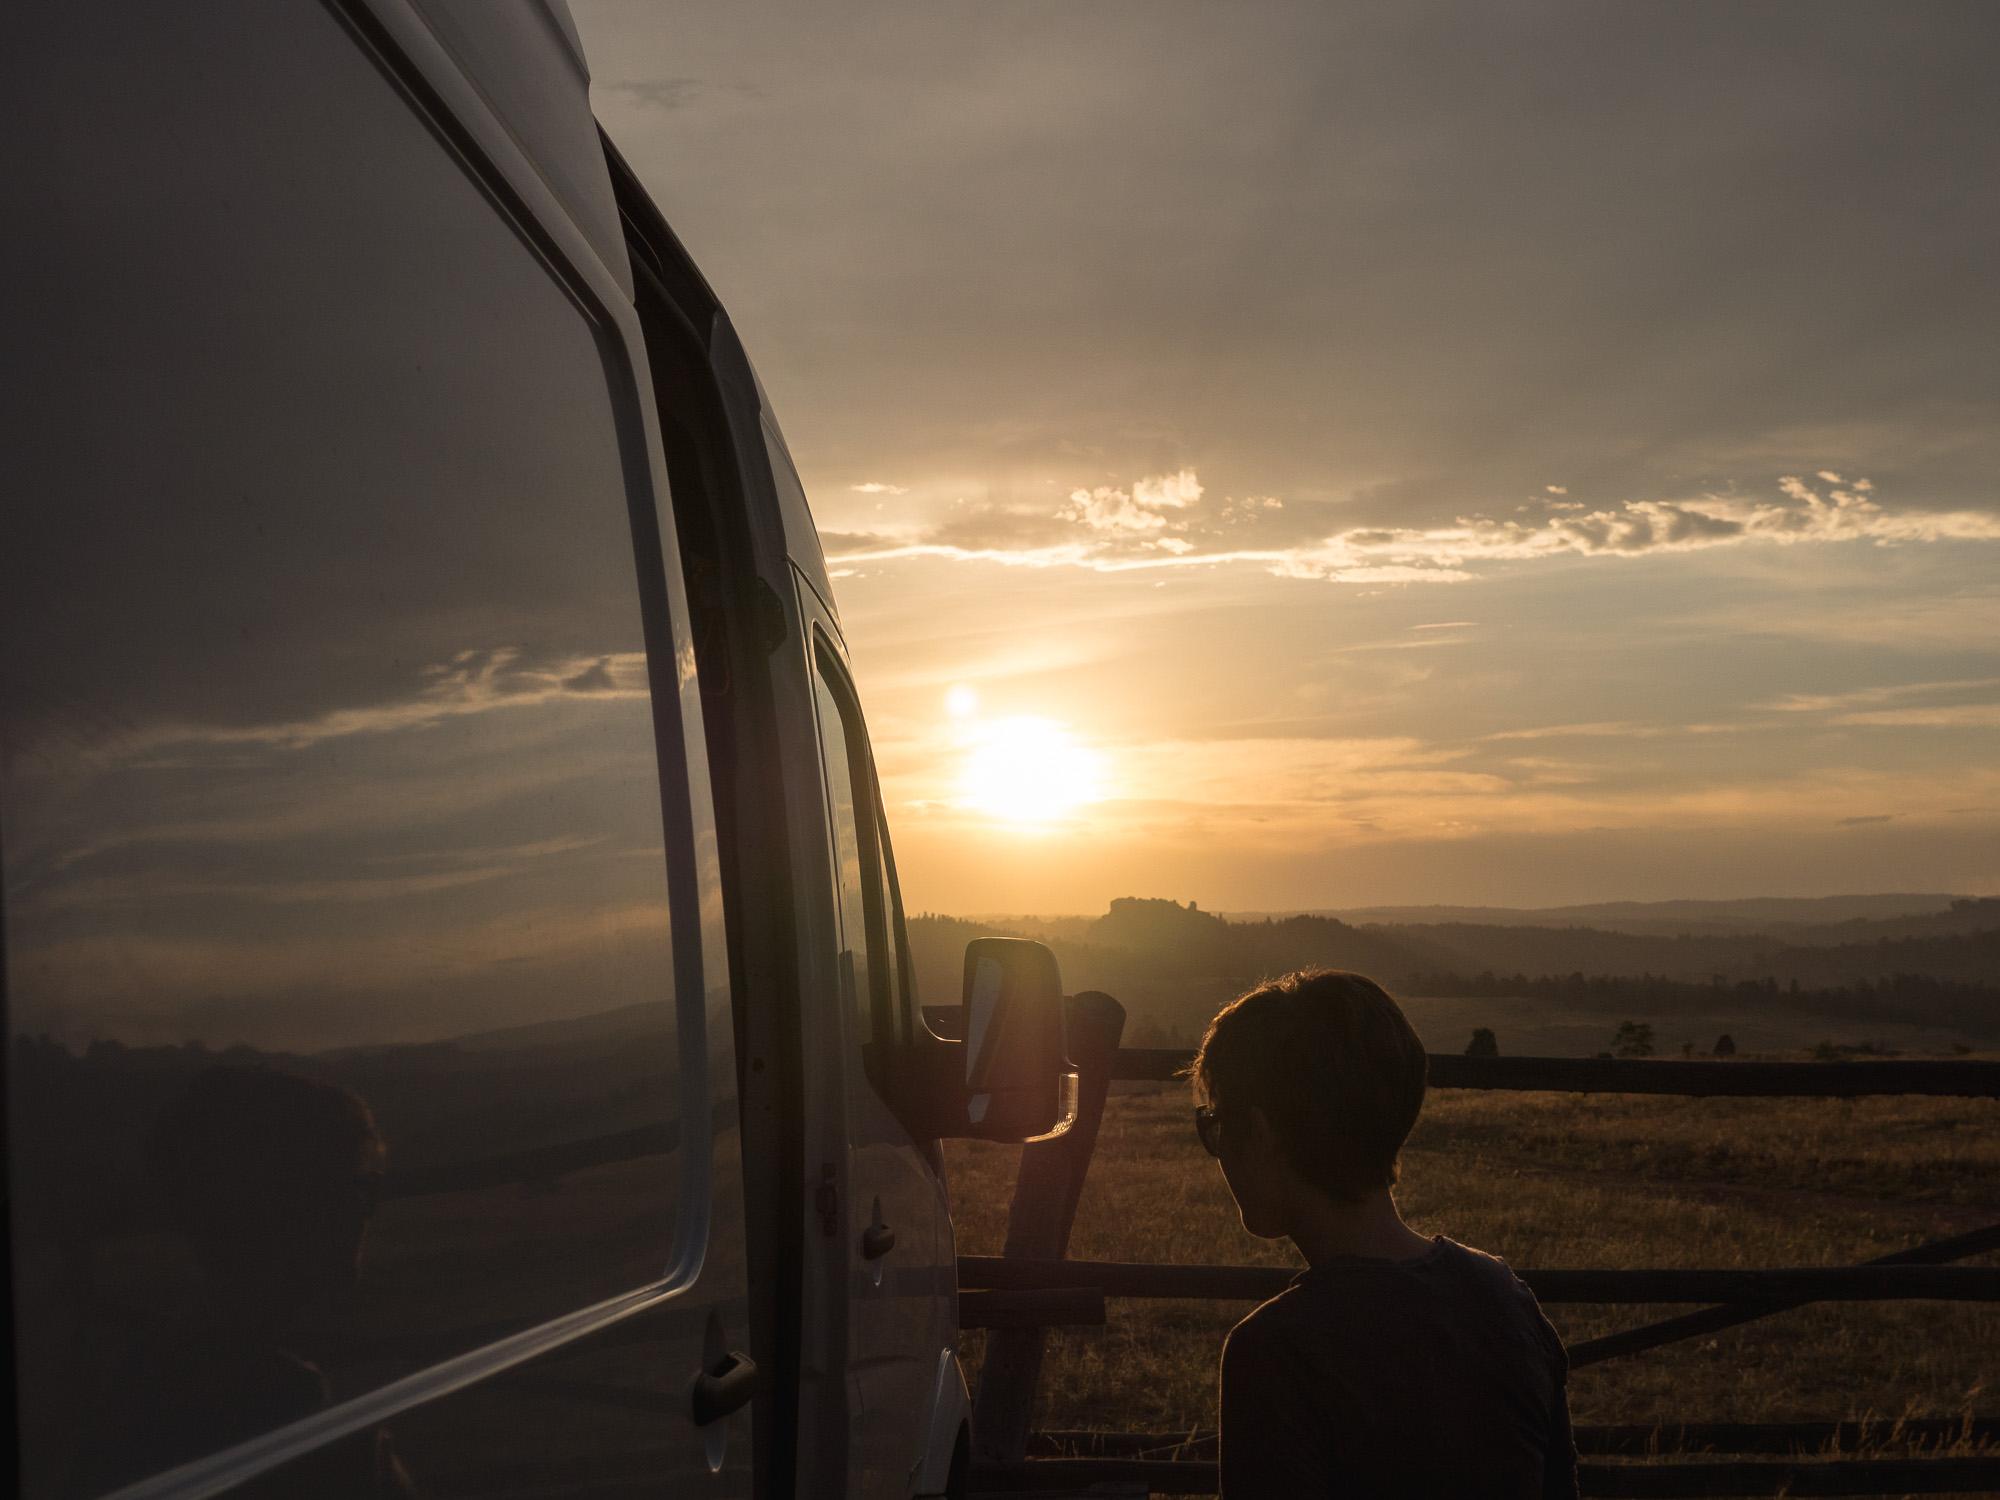 Van sunset